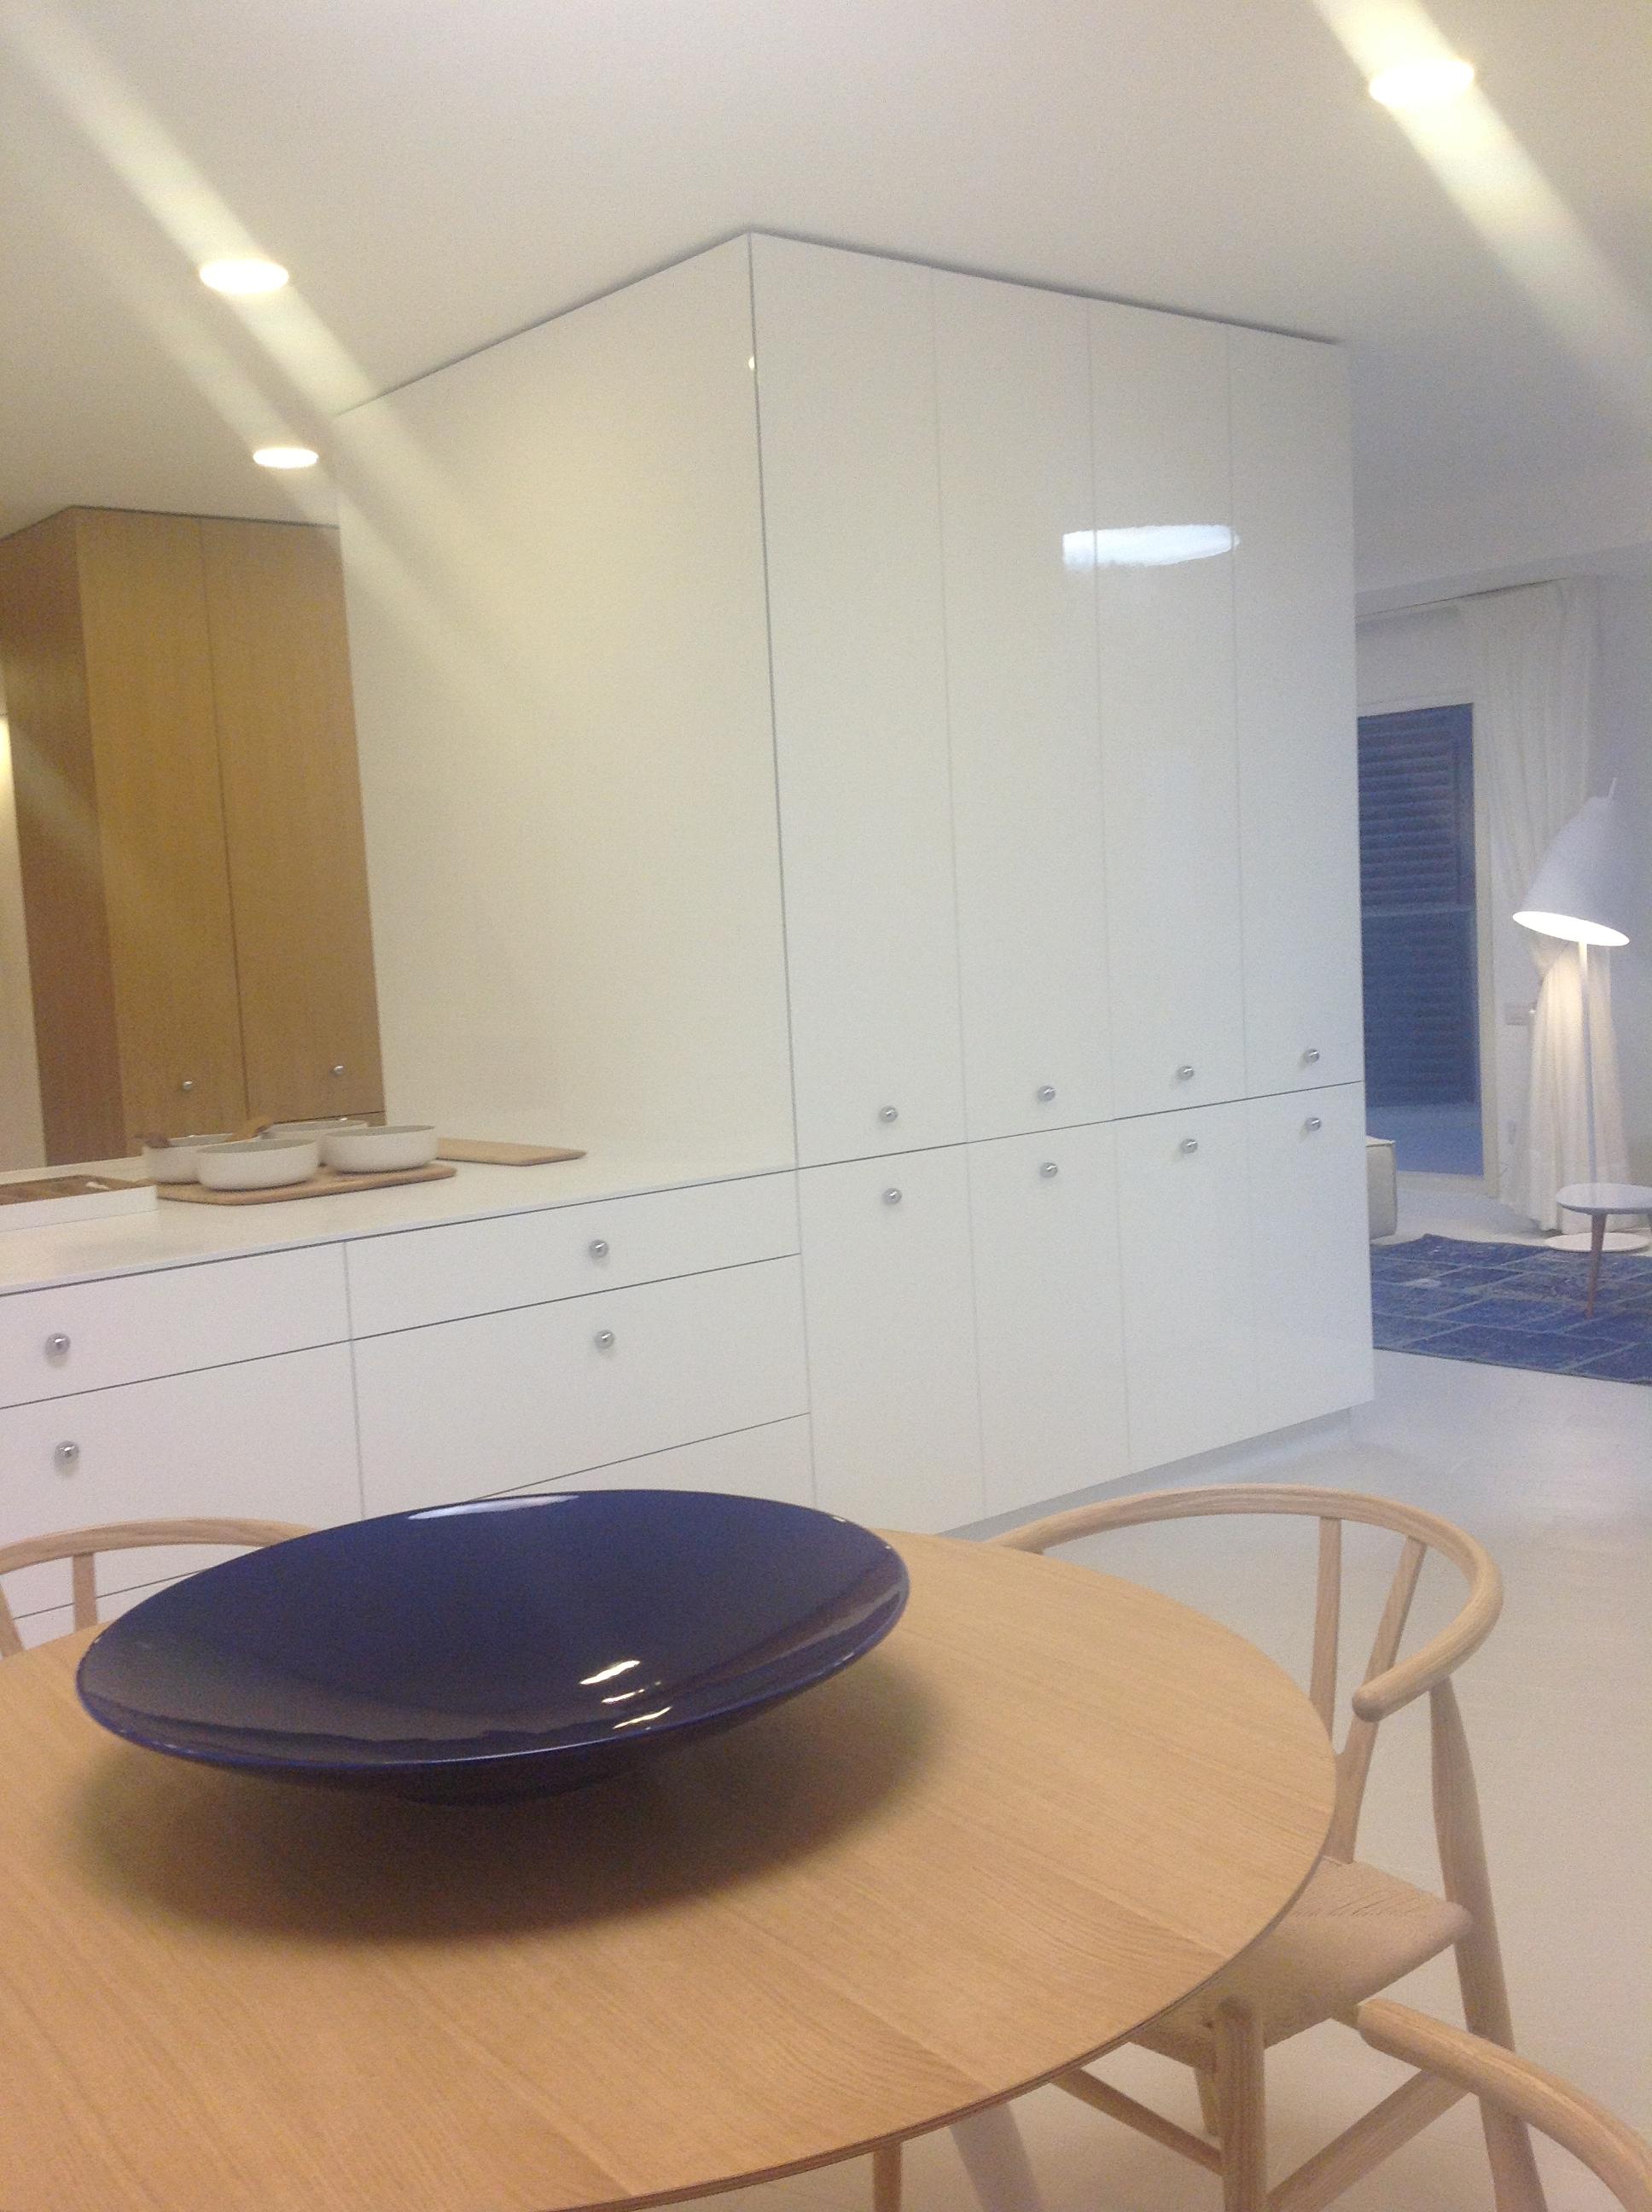 דירה כפולה בבת-ים - מבט למטבח מפינת האוכל